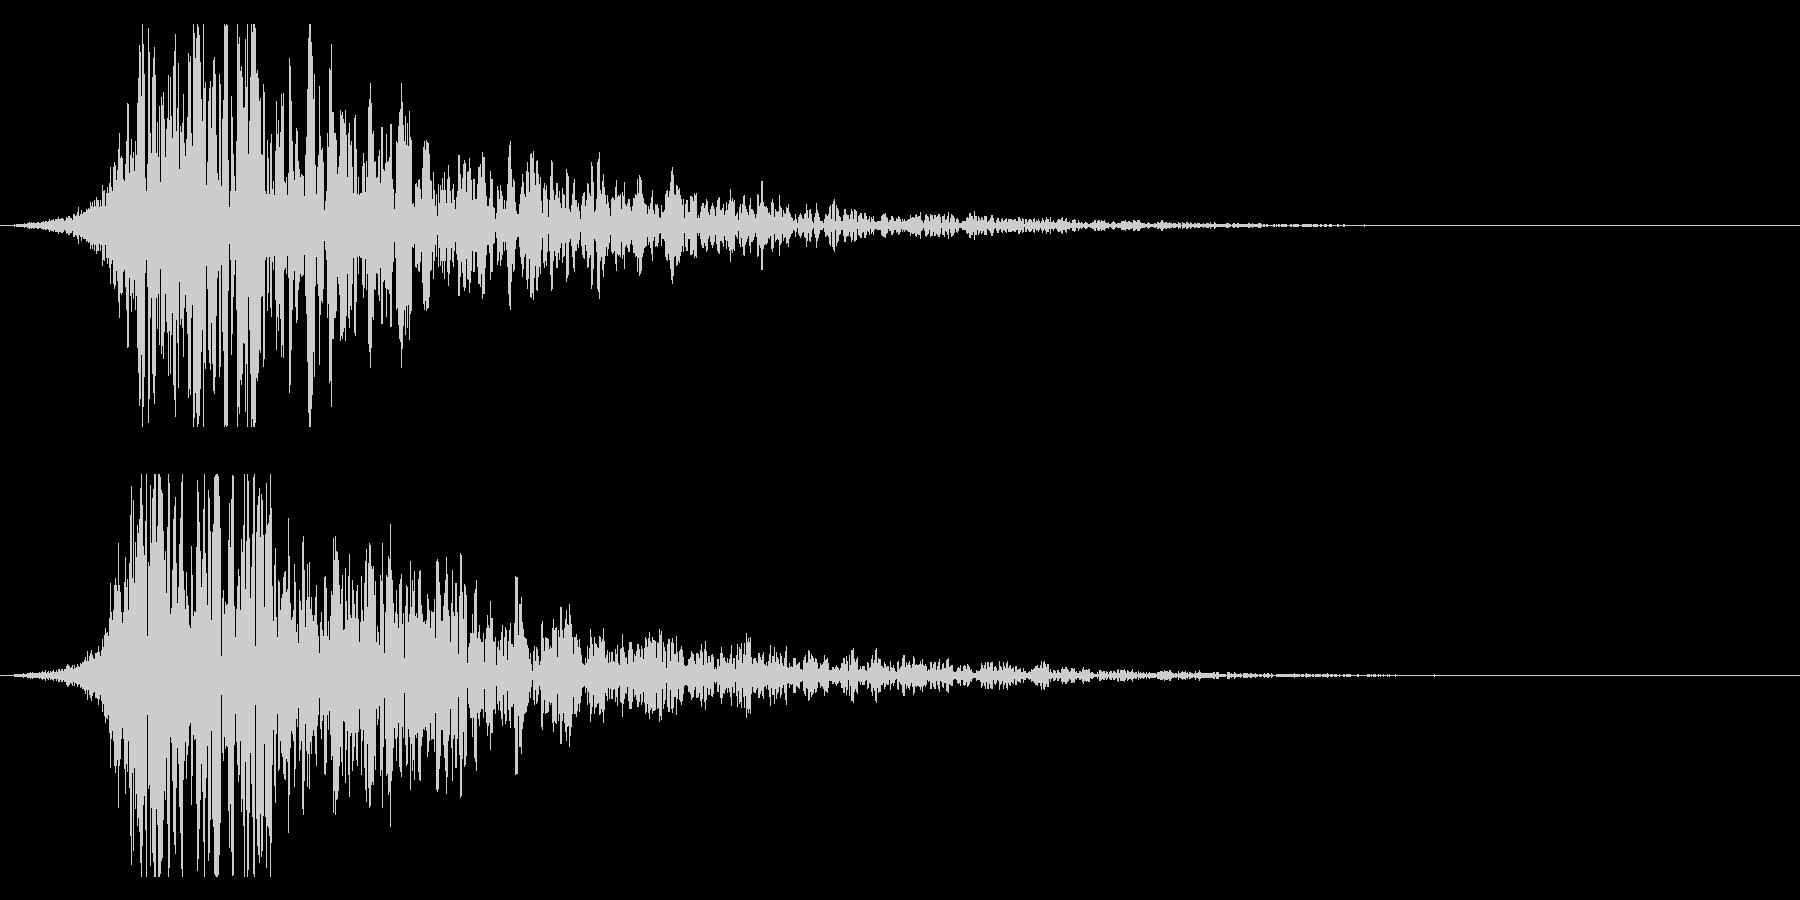 シュードーン-21-2(インパクト音)の未再生の波形